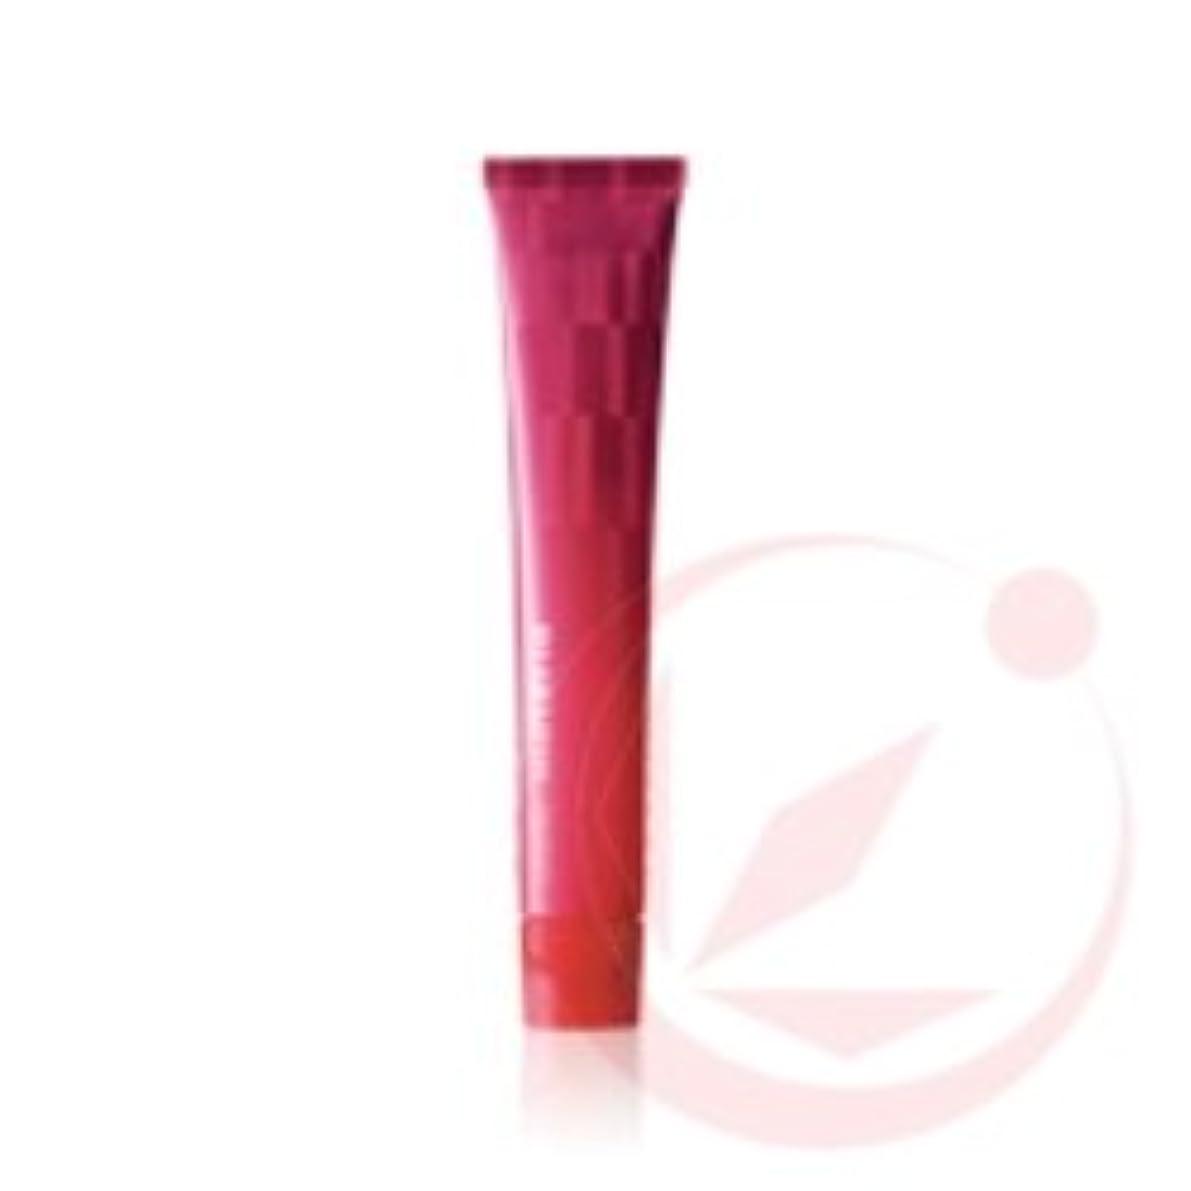 マッシュ依存ジャングルルベル マテリア インテグラルライン ベリーピンク 80g(1剤) BP-6